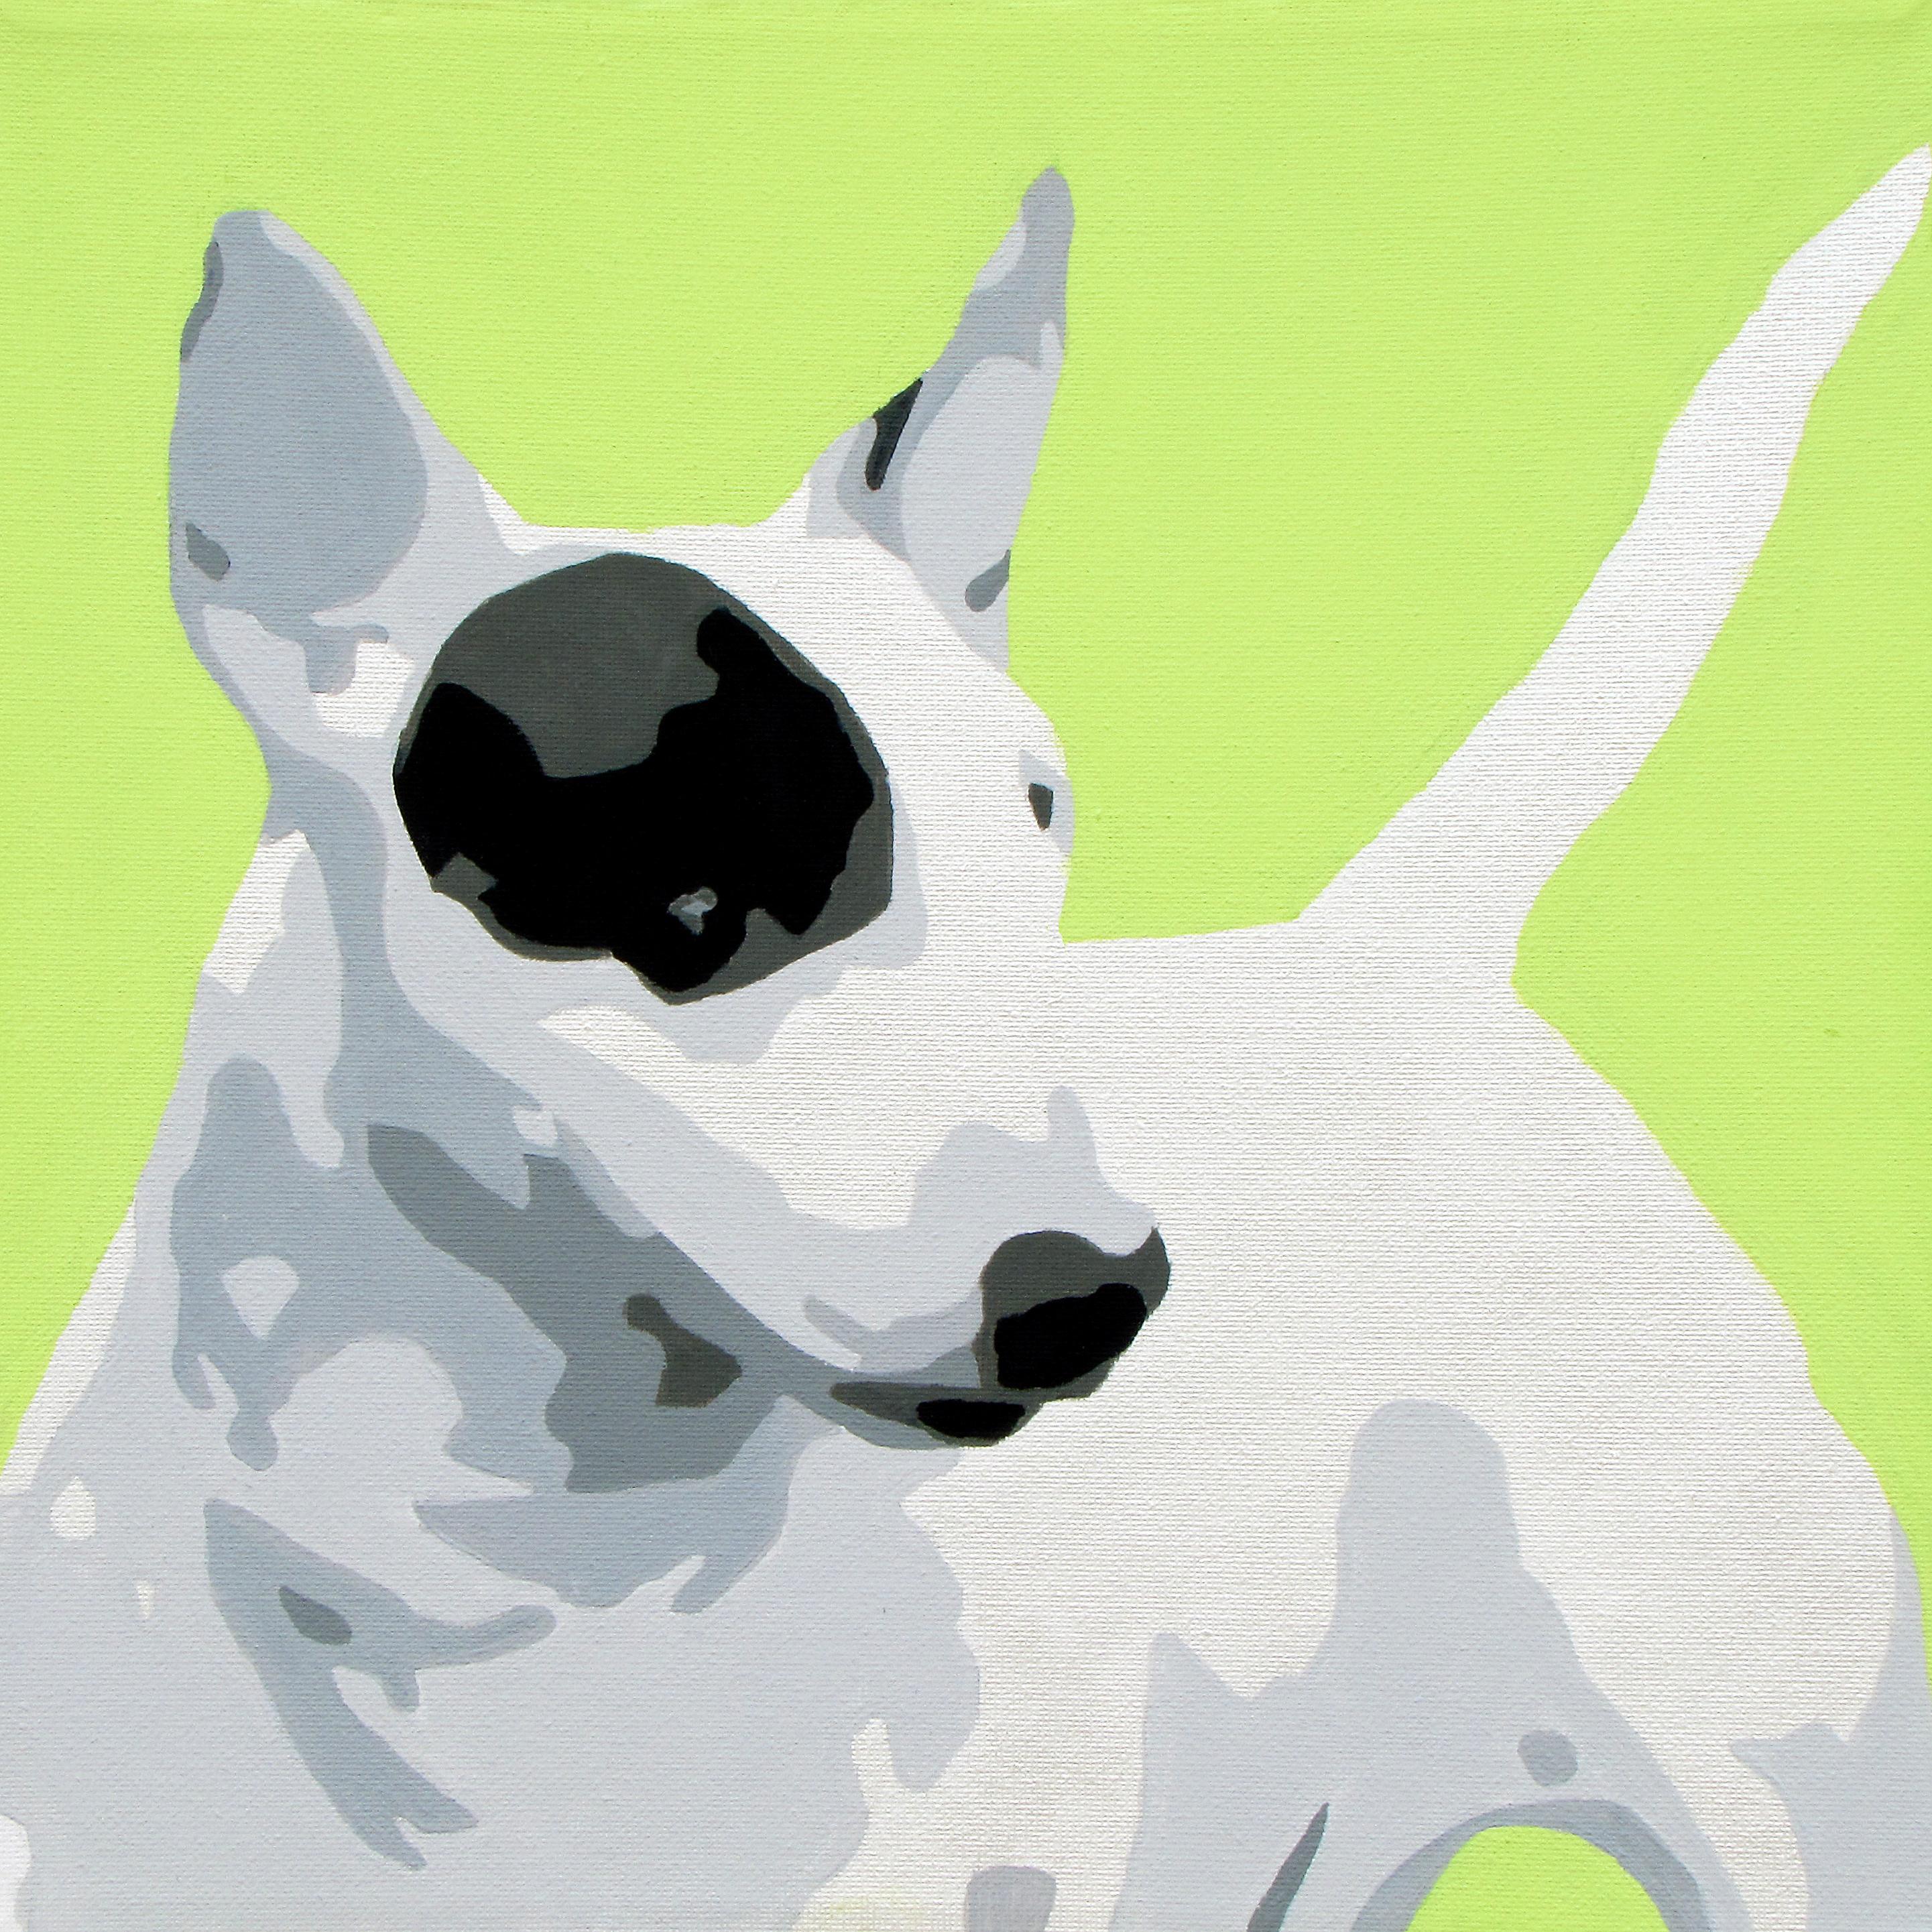 Bull Terrier - Slade Roberts Studio